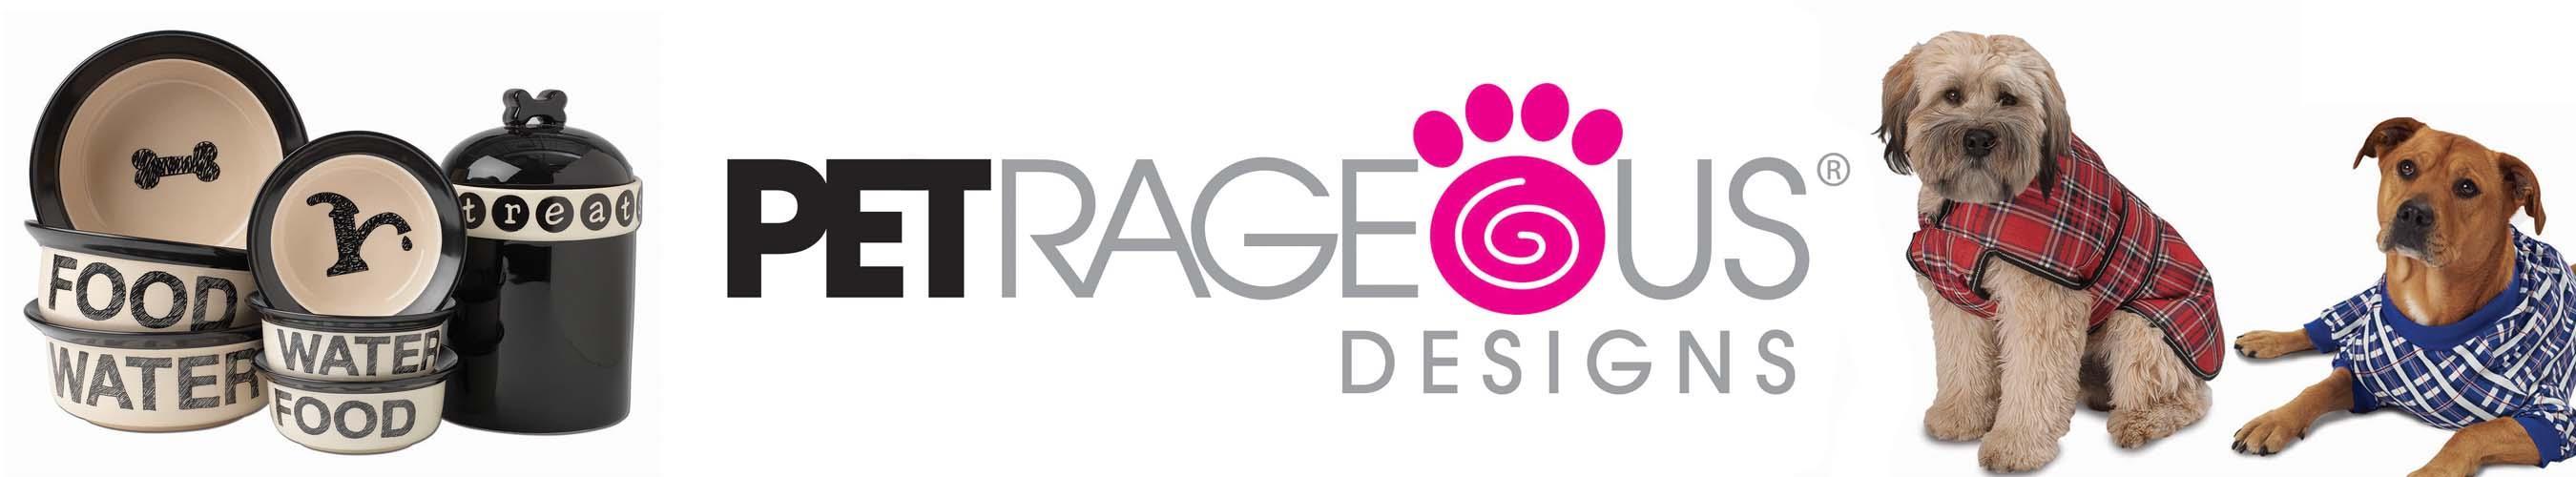 PetRageous® Designs!